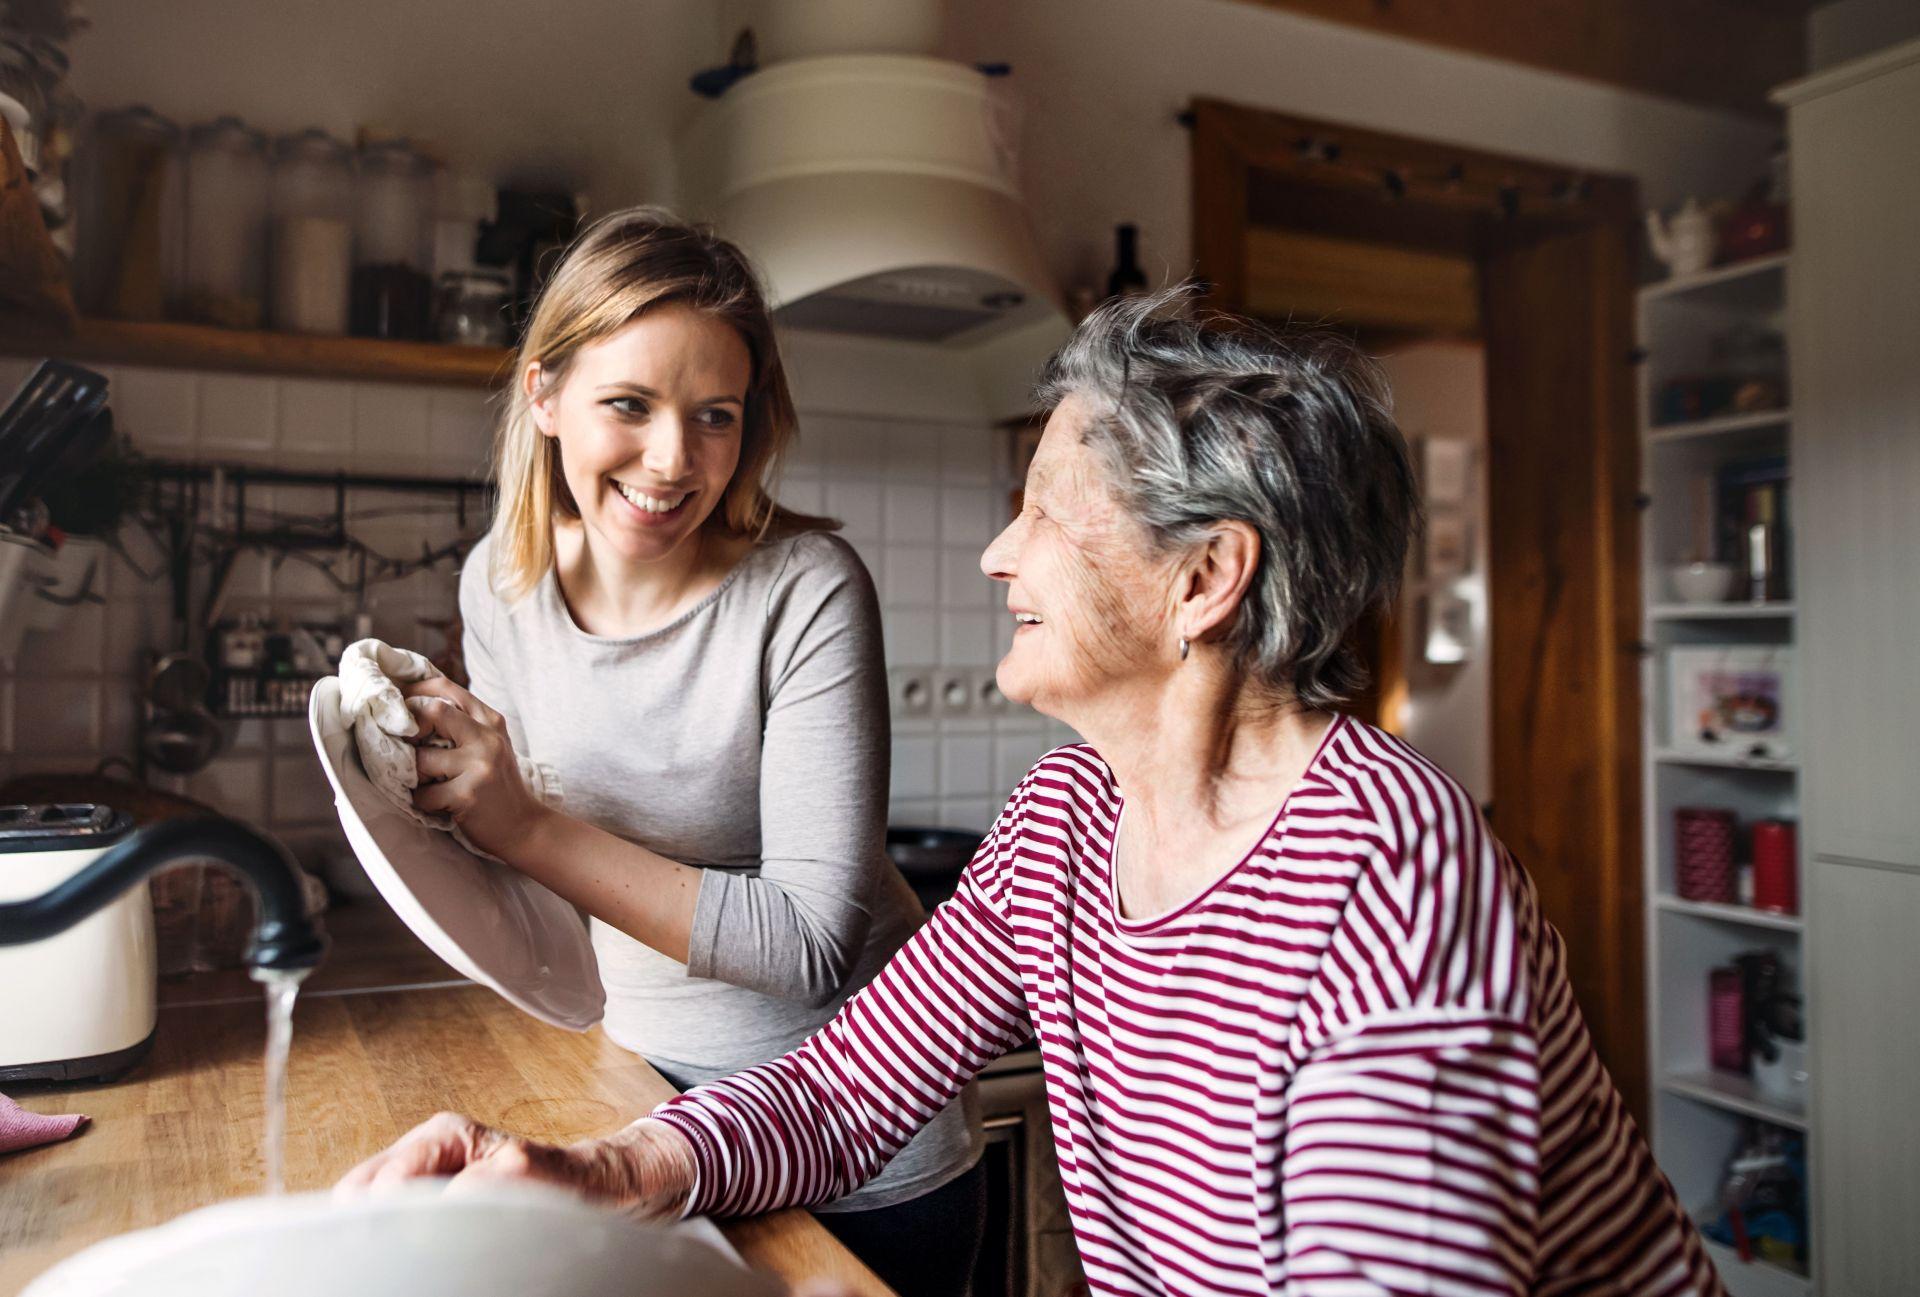 adobestock 210659744 min - Häusliche Seniorenbetreuung ist keine Pflegetätigkeit